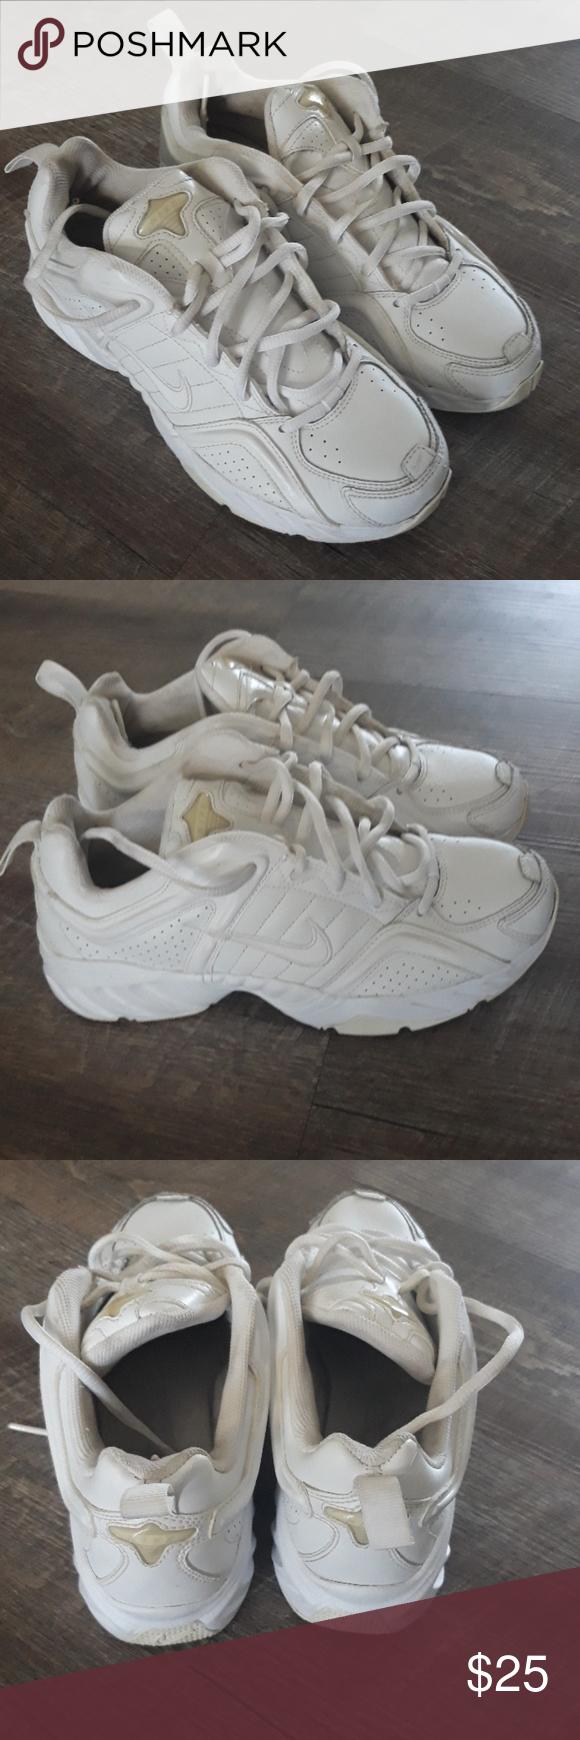 Nike White Trainer Sneakers Nike White